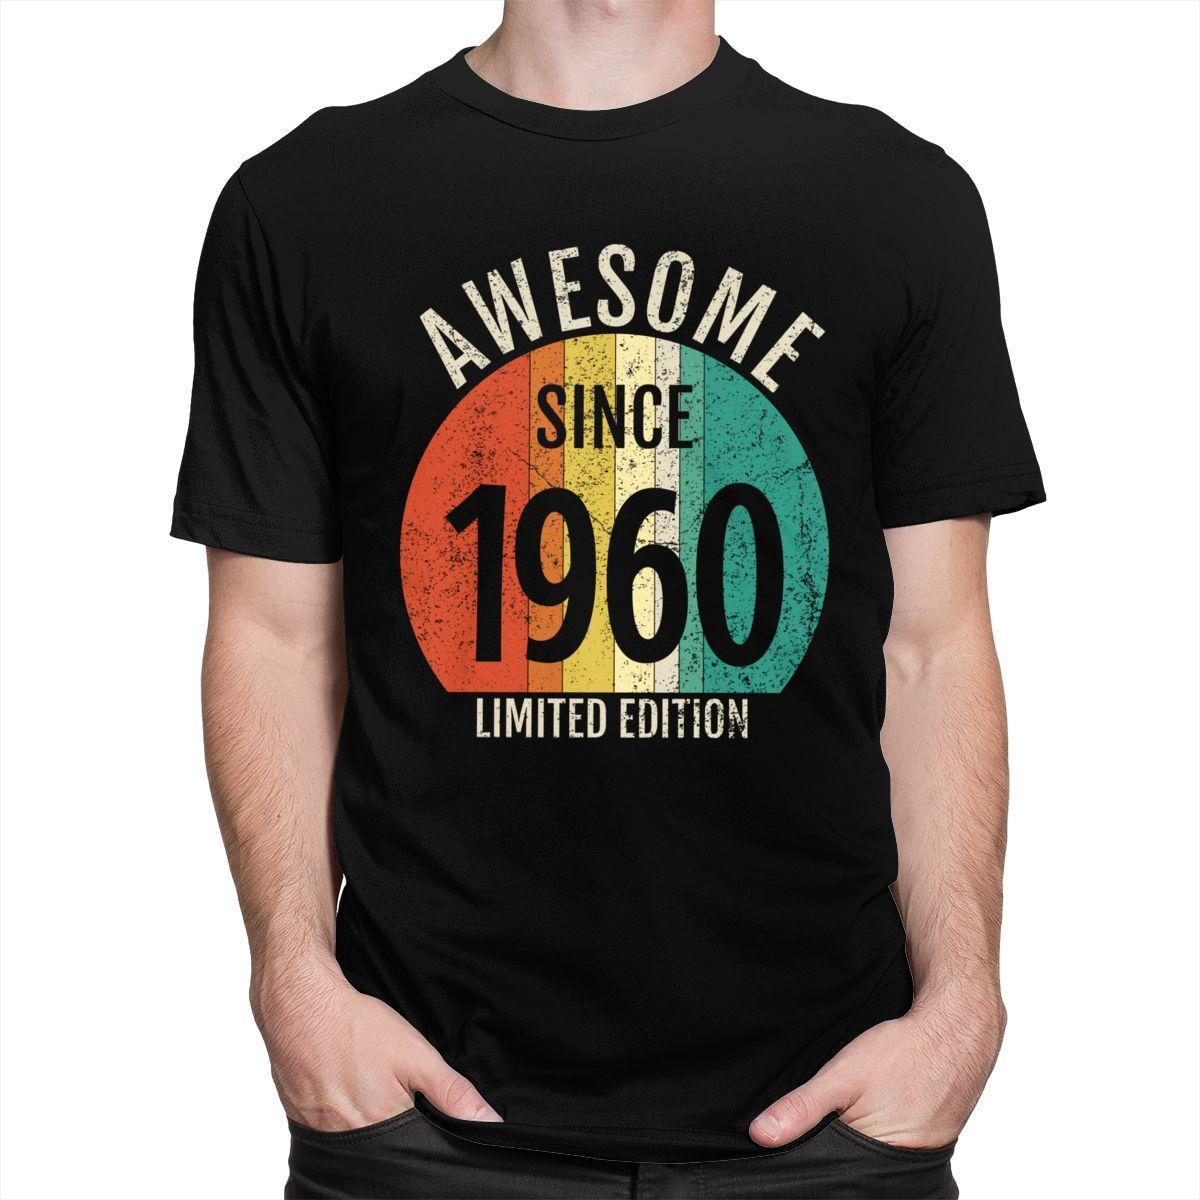 Sport Classic Awesome Since 1960 60 Jahre alt T-Shirt Kurzarm Cotton Tee Tops Freizeit 60. Geburtstags-Geschenk-Jahrestag T-Shirts